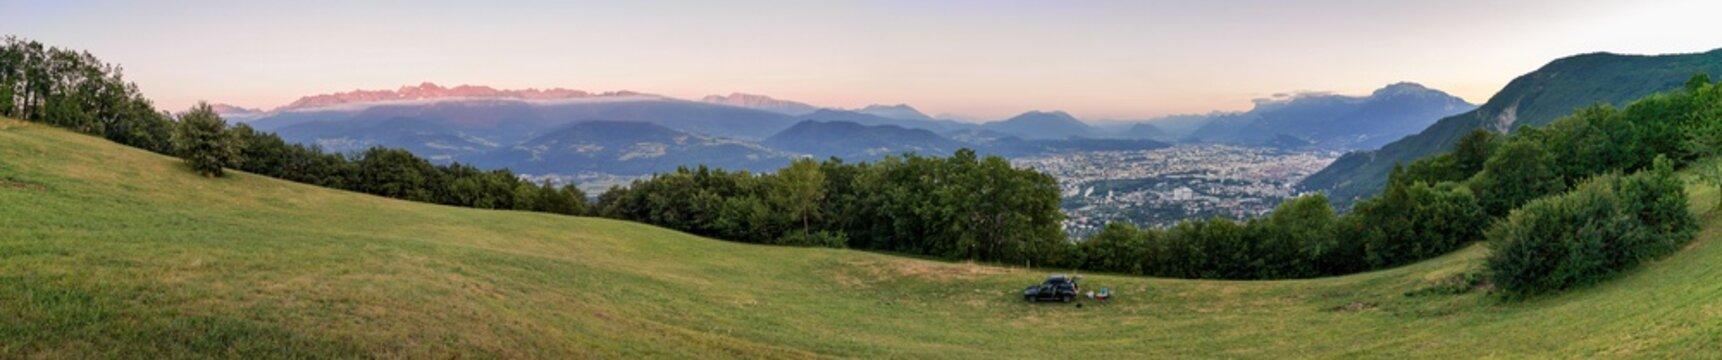 Bivouac du soir avec vue sur la ville de Grenoble, France